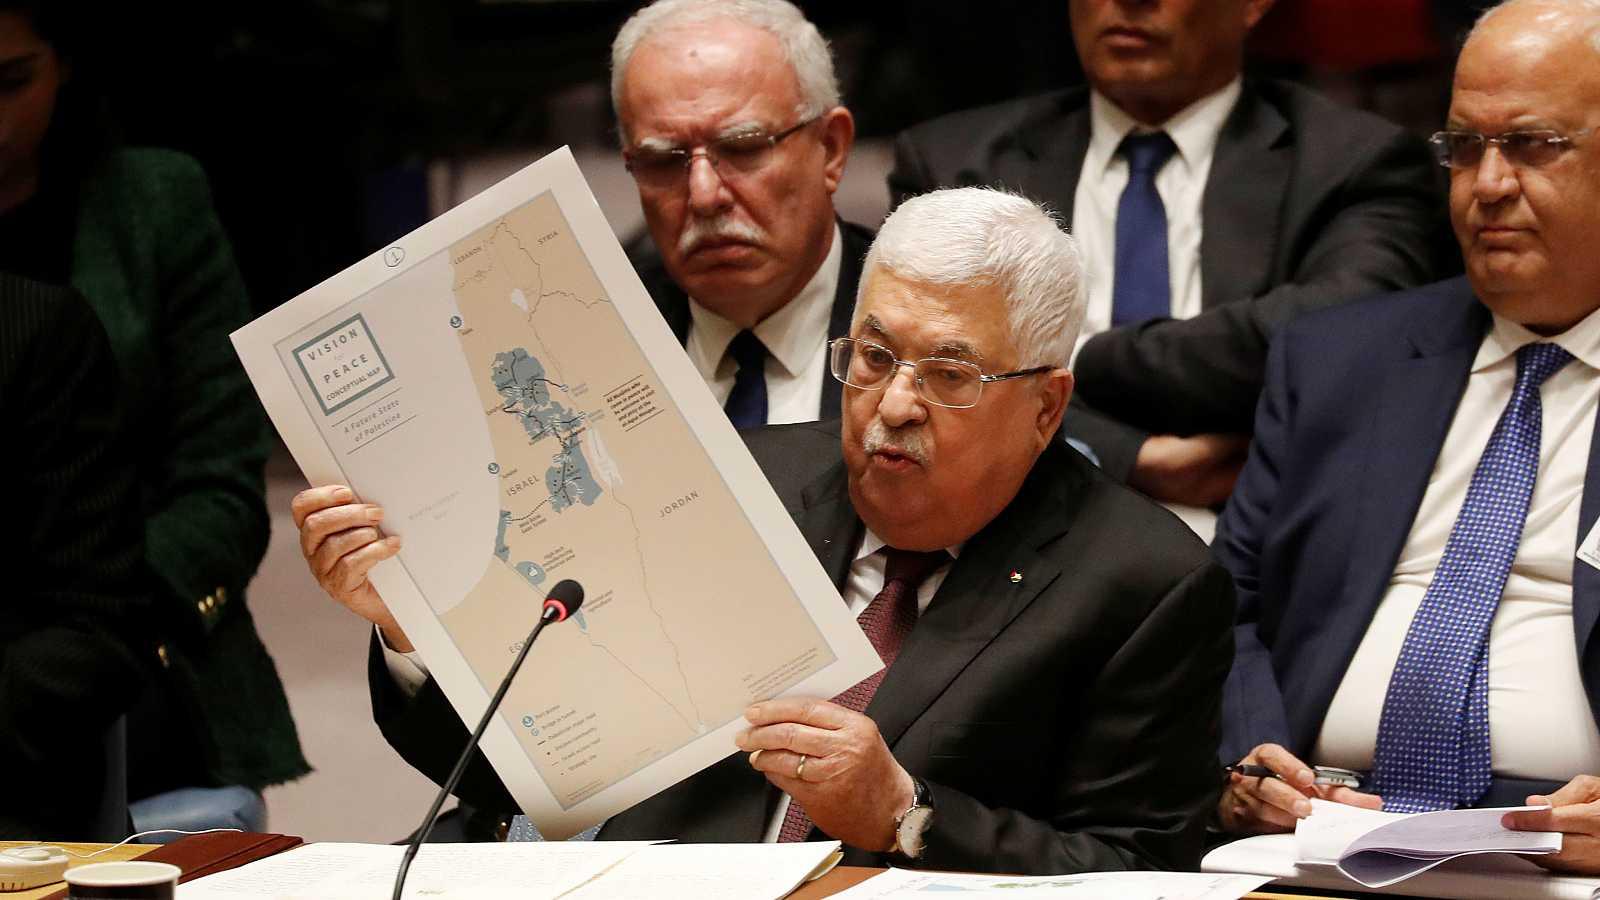 Mahmud Abás muestra un mapa de Palestina durante la reunión con el Consejo de Seguridad de la ONU